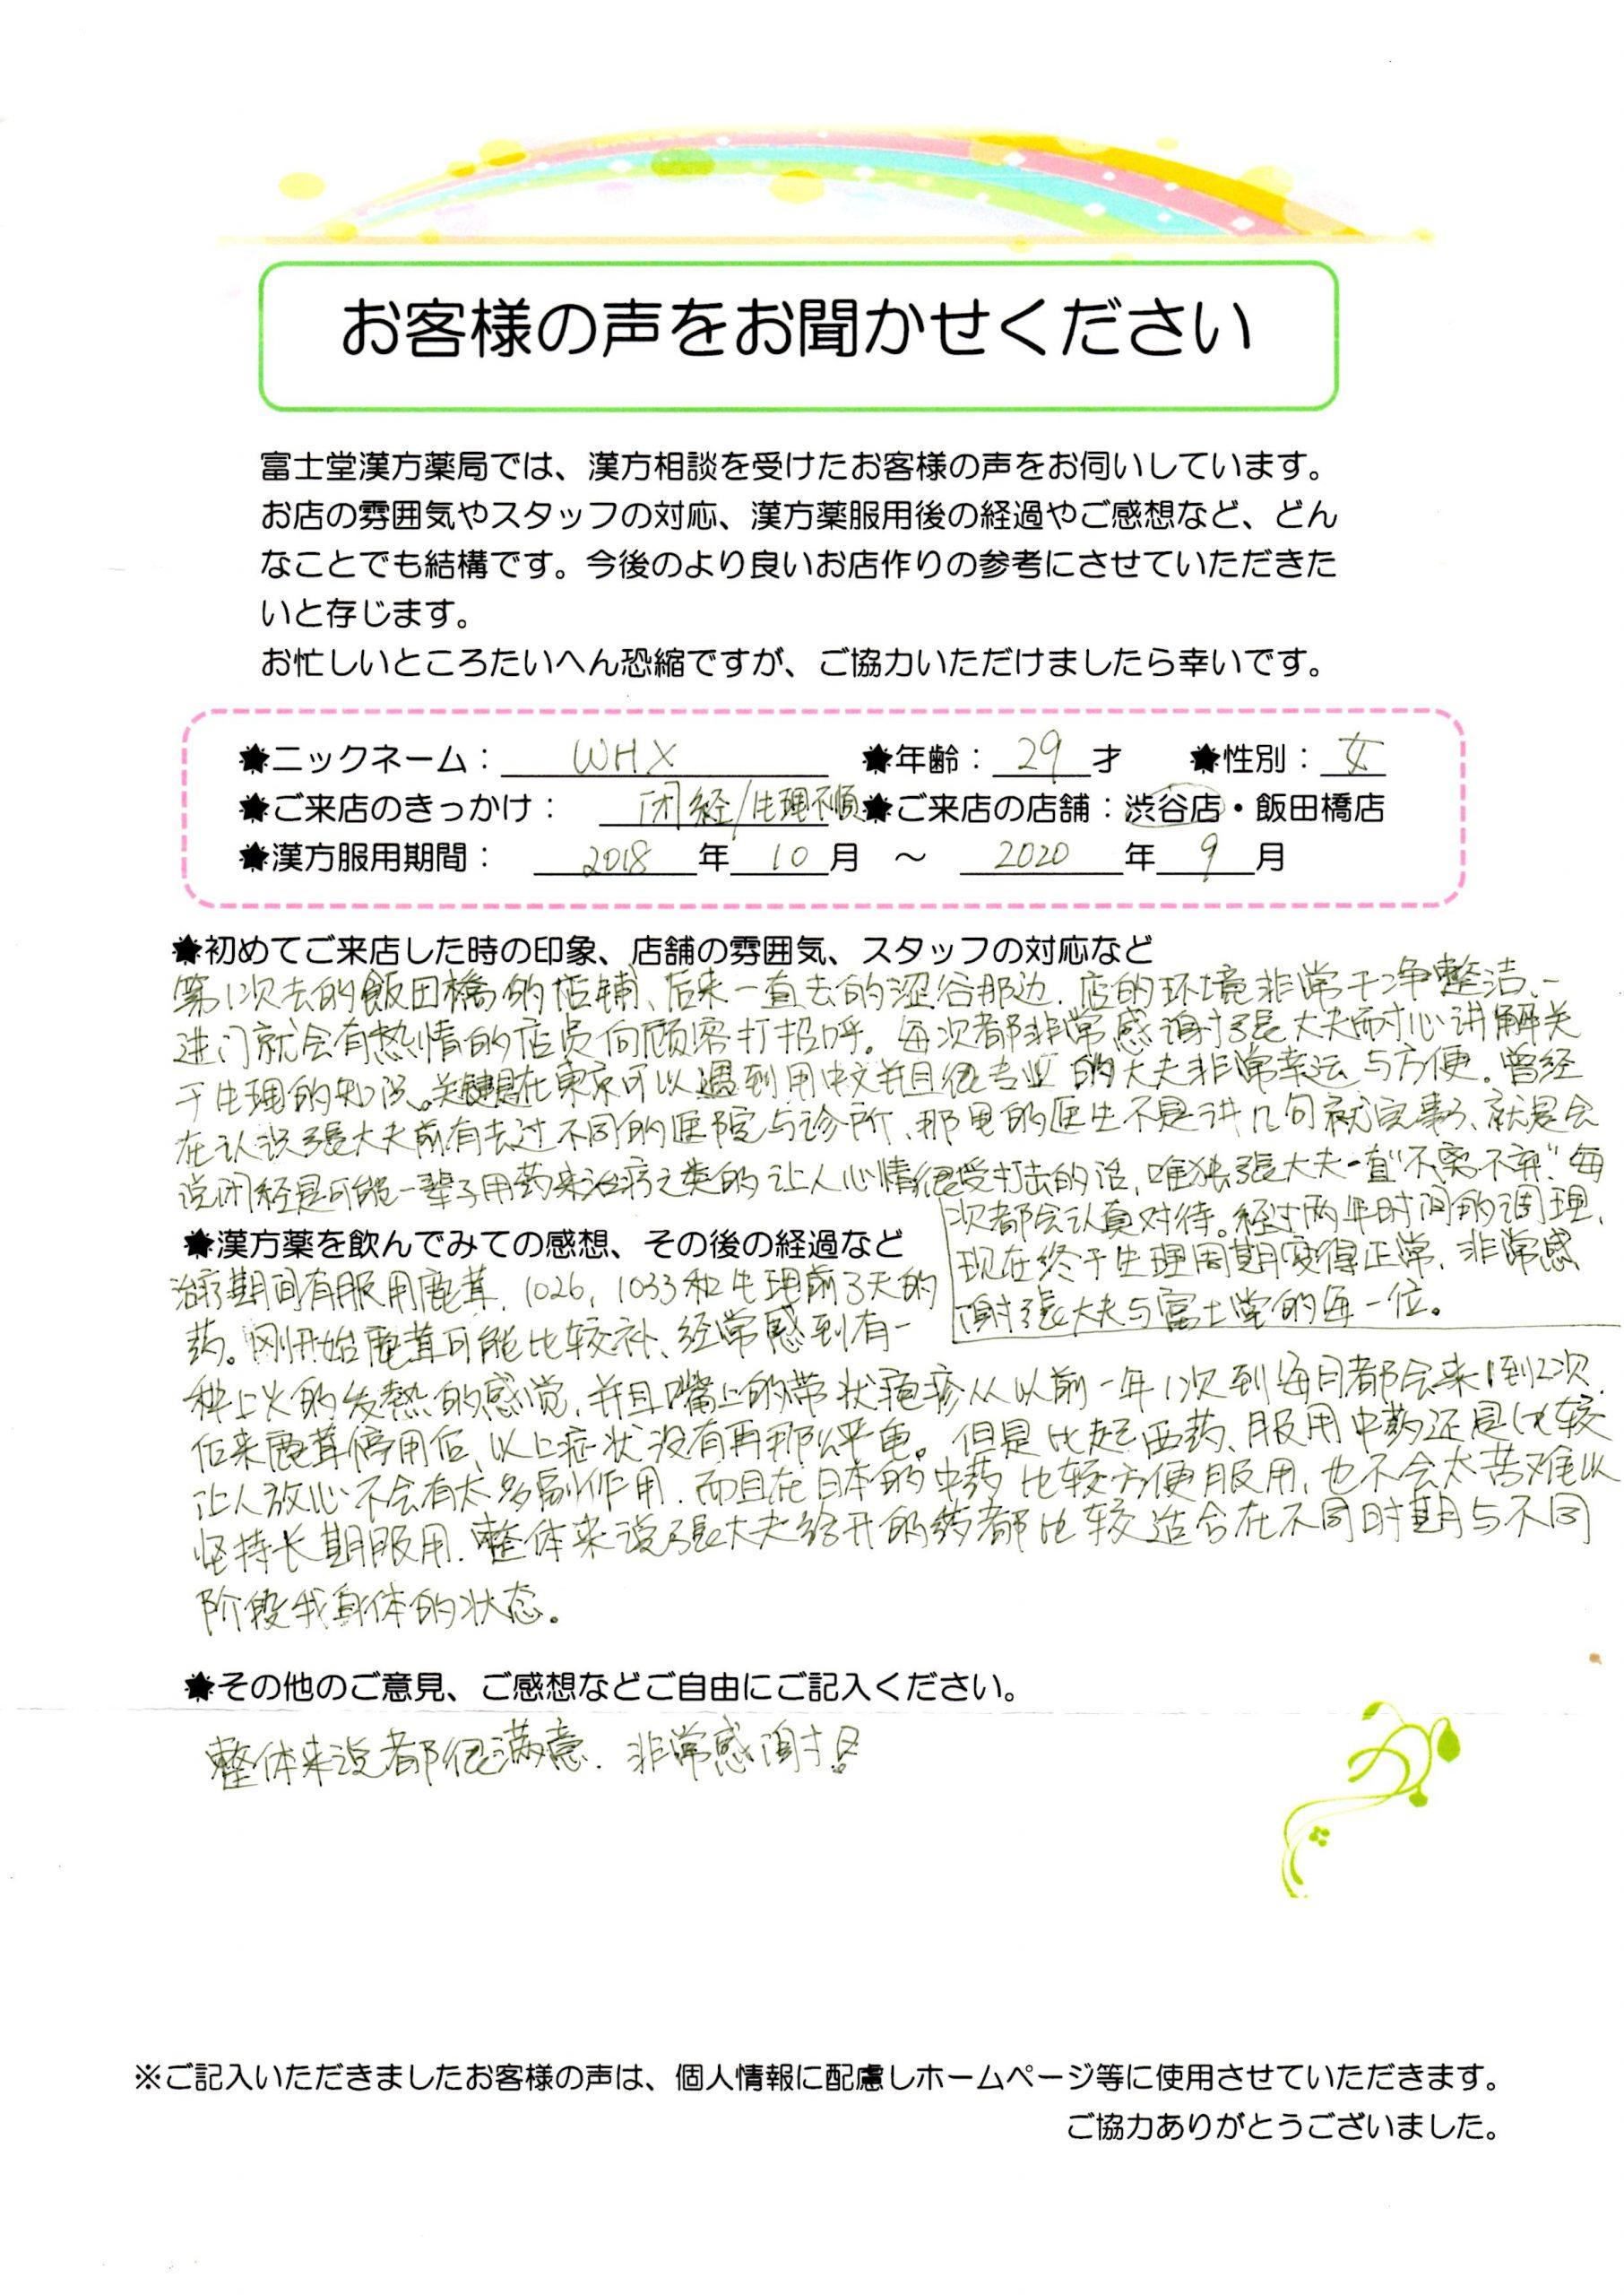 漢方体験談|続発性無月経、漢方2年間で完治